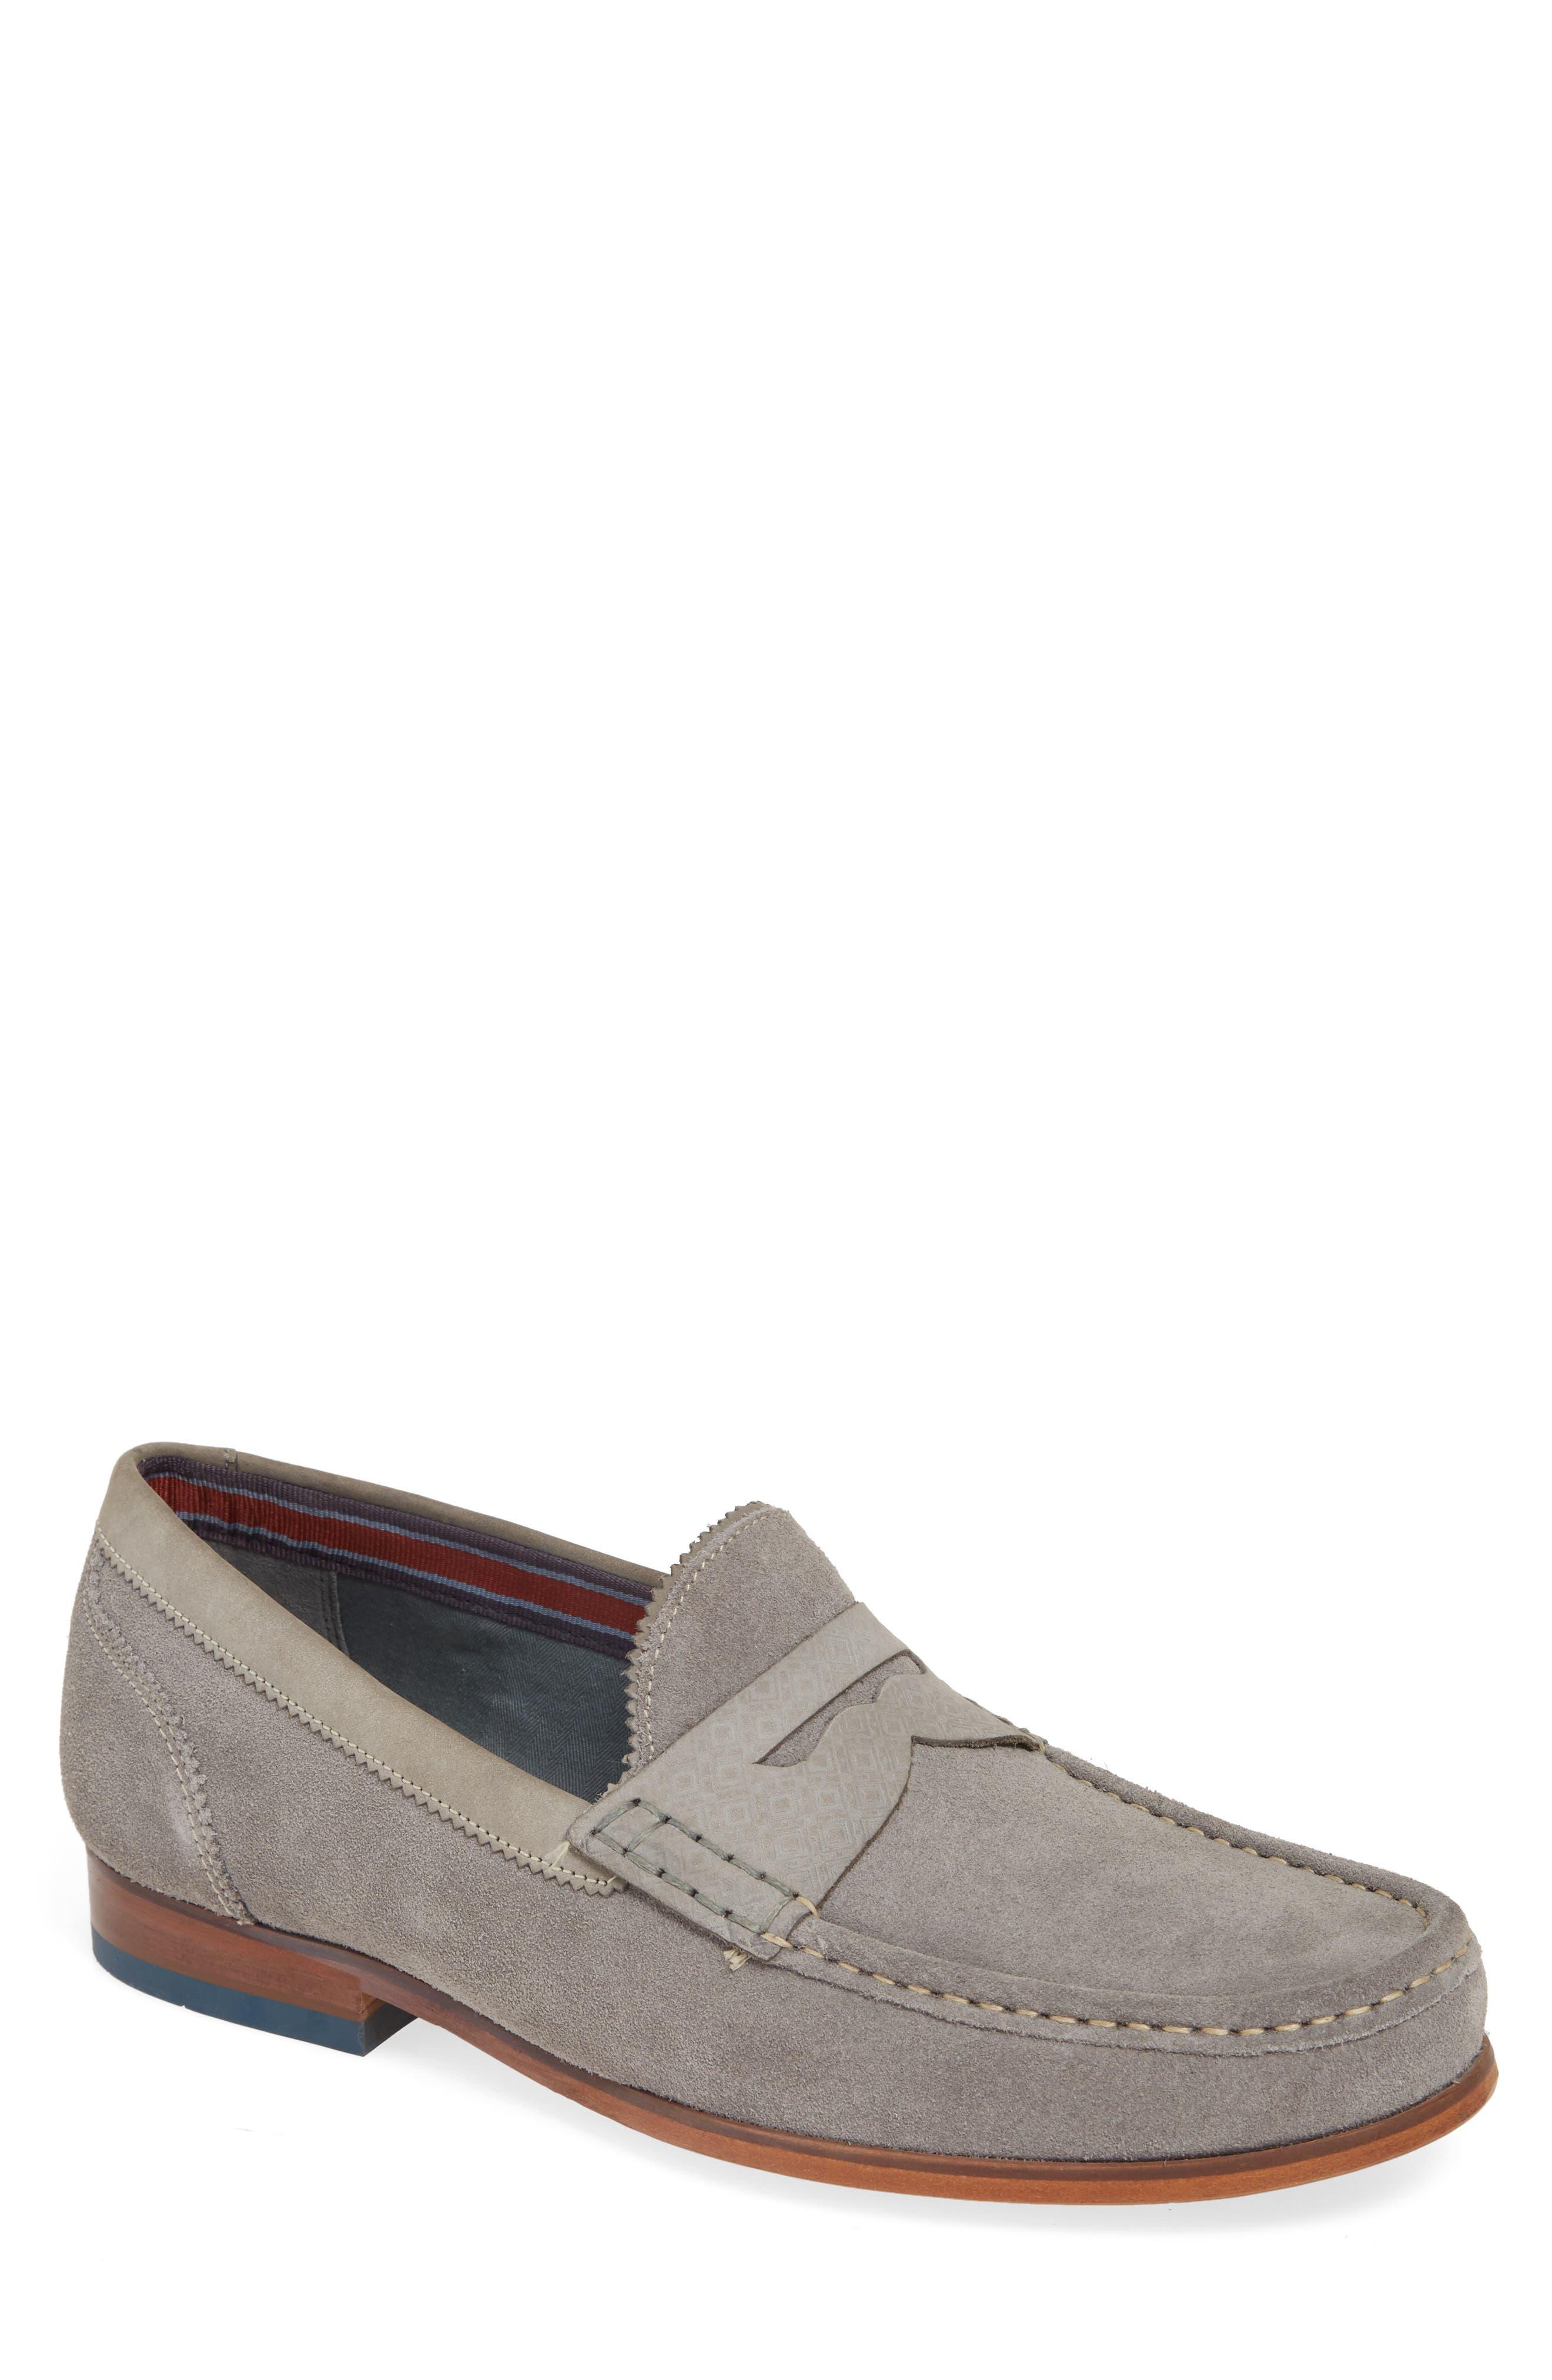 4693901e805 Men s Ted Baker London Loafers   Slip-Ons